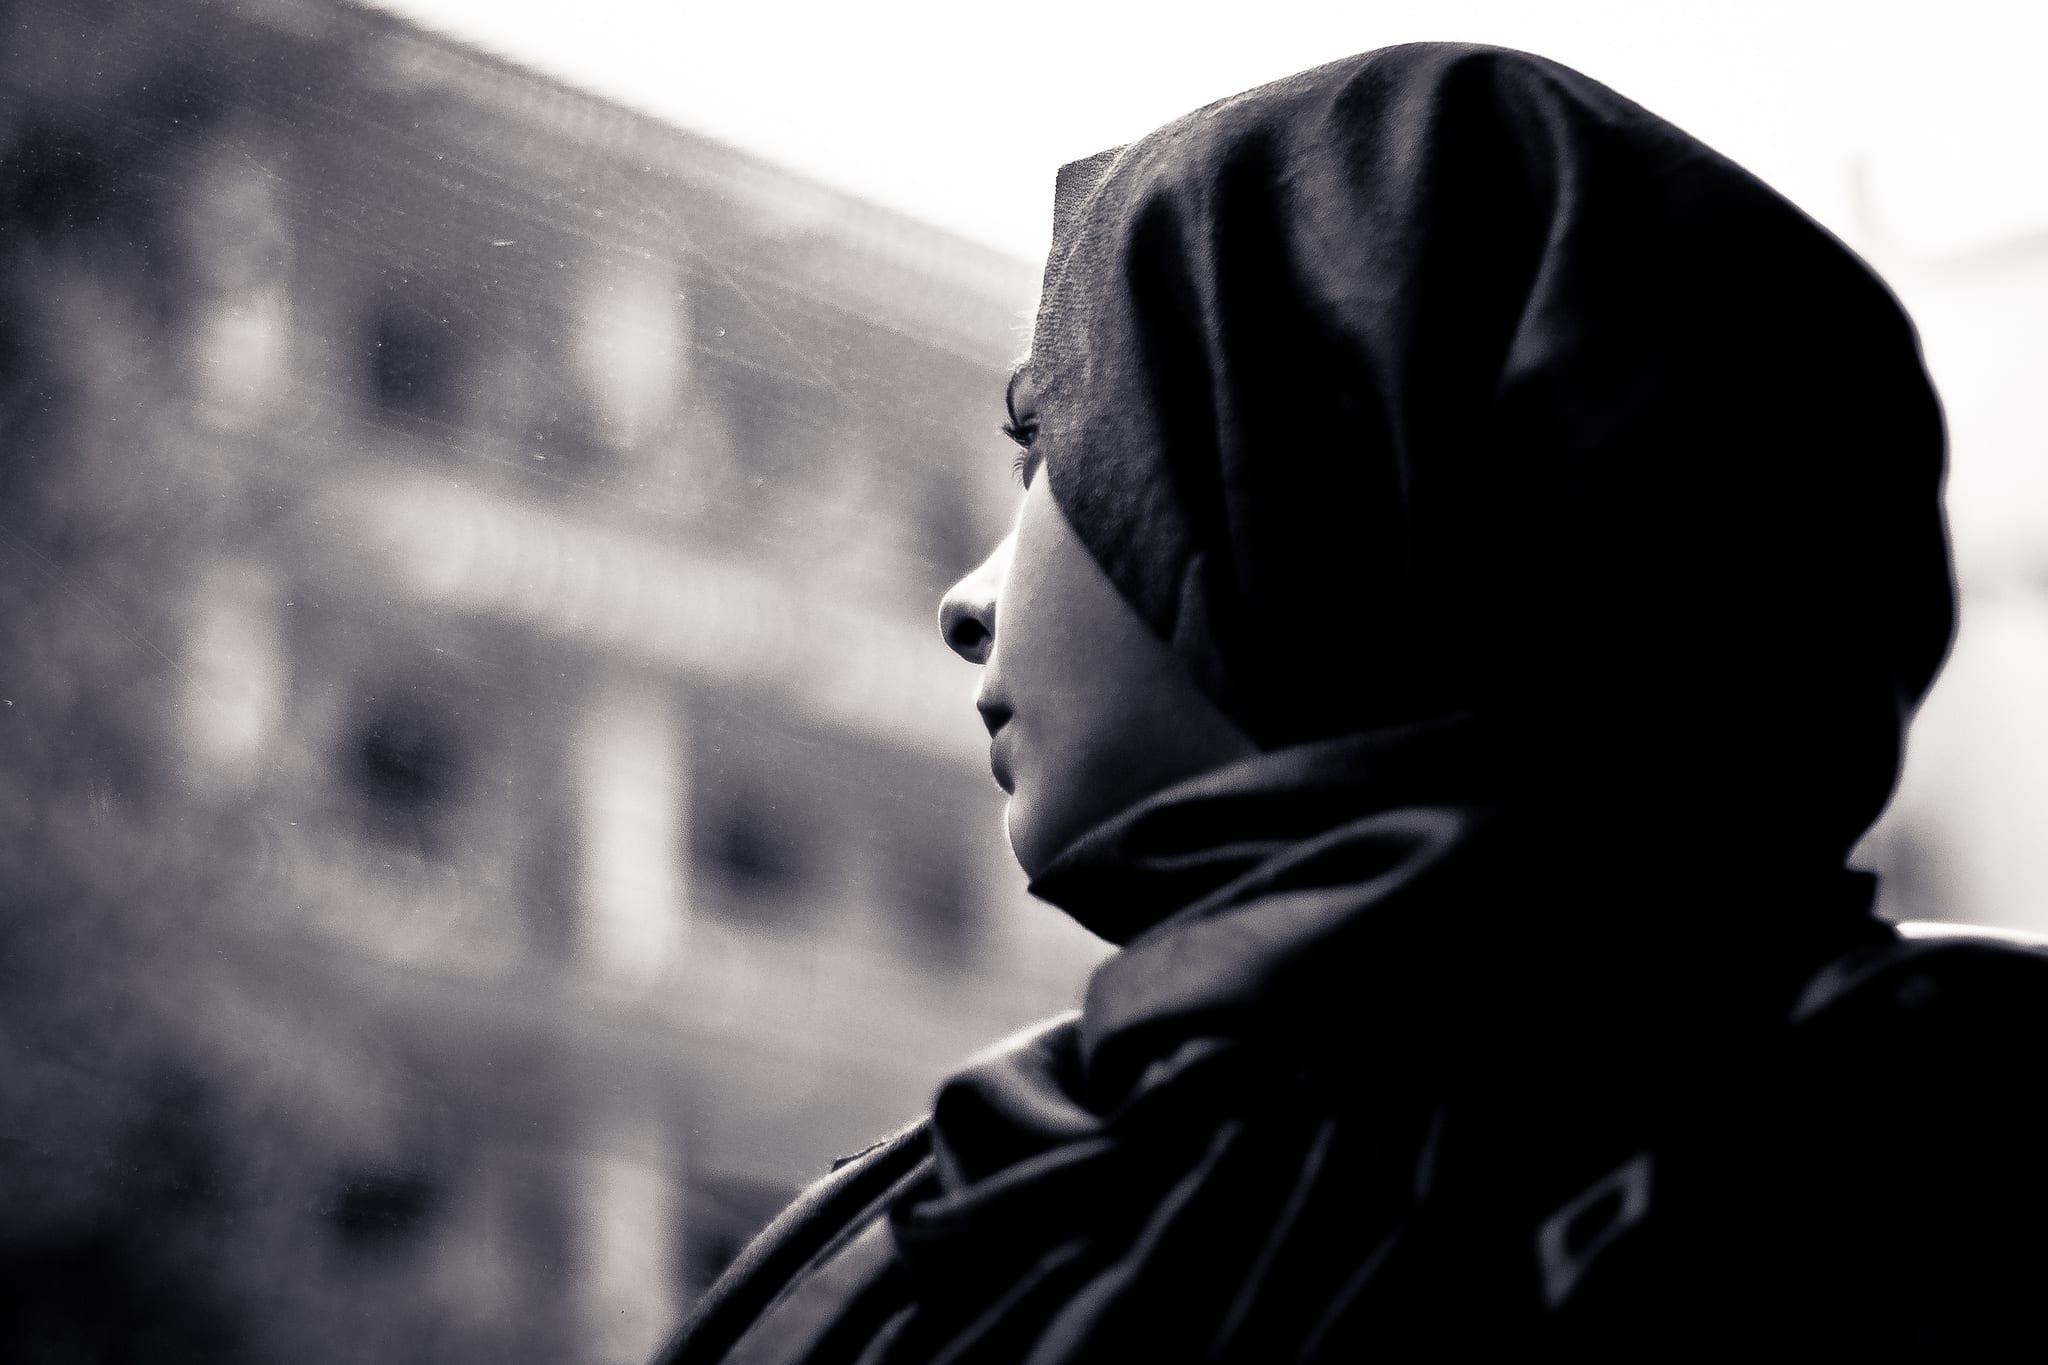 Témoignage : Je suis musulmane, j'étais vierge et j'ai été violé